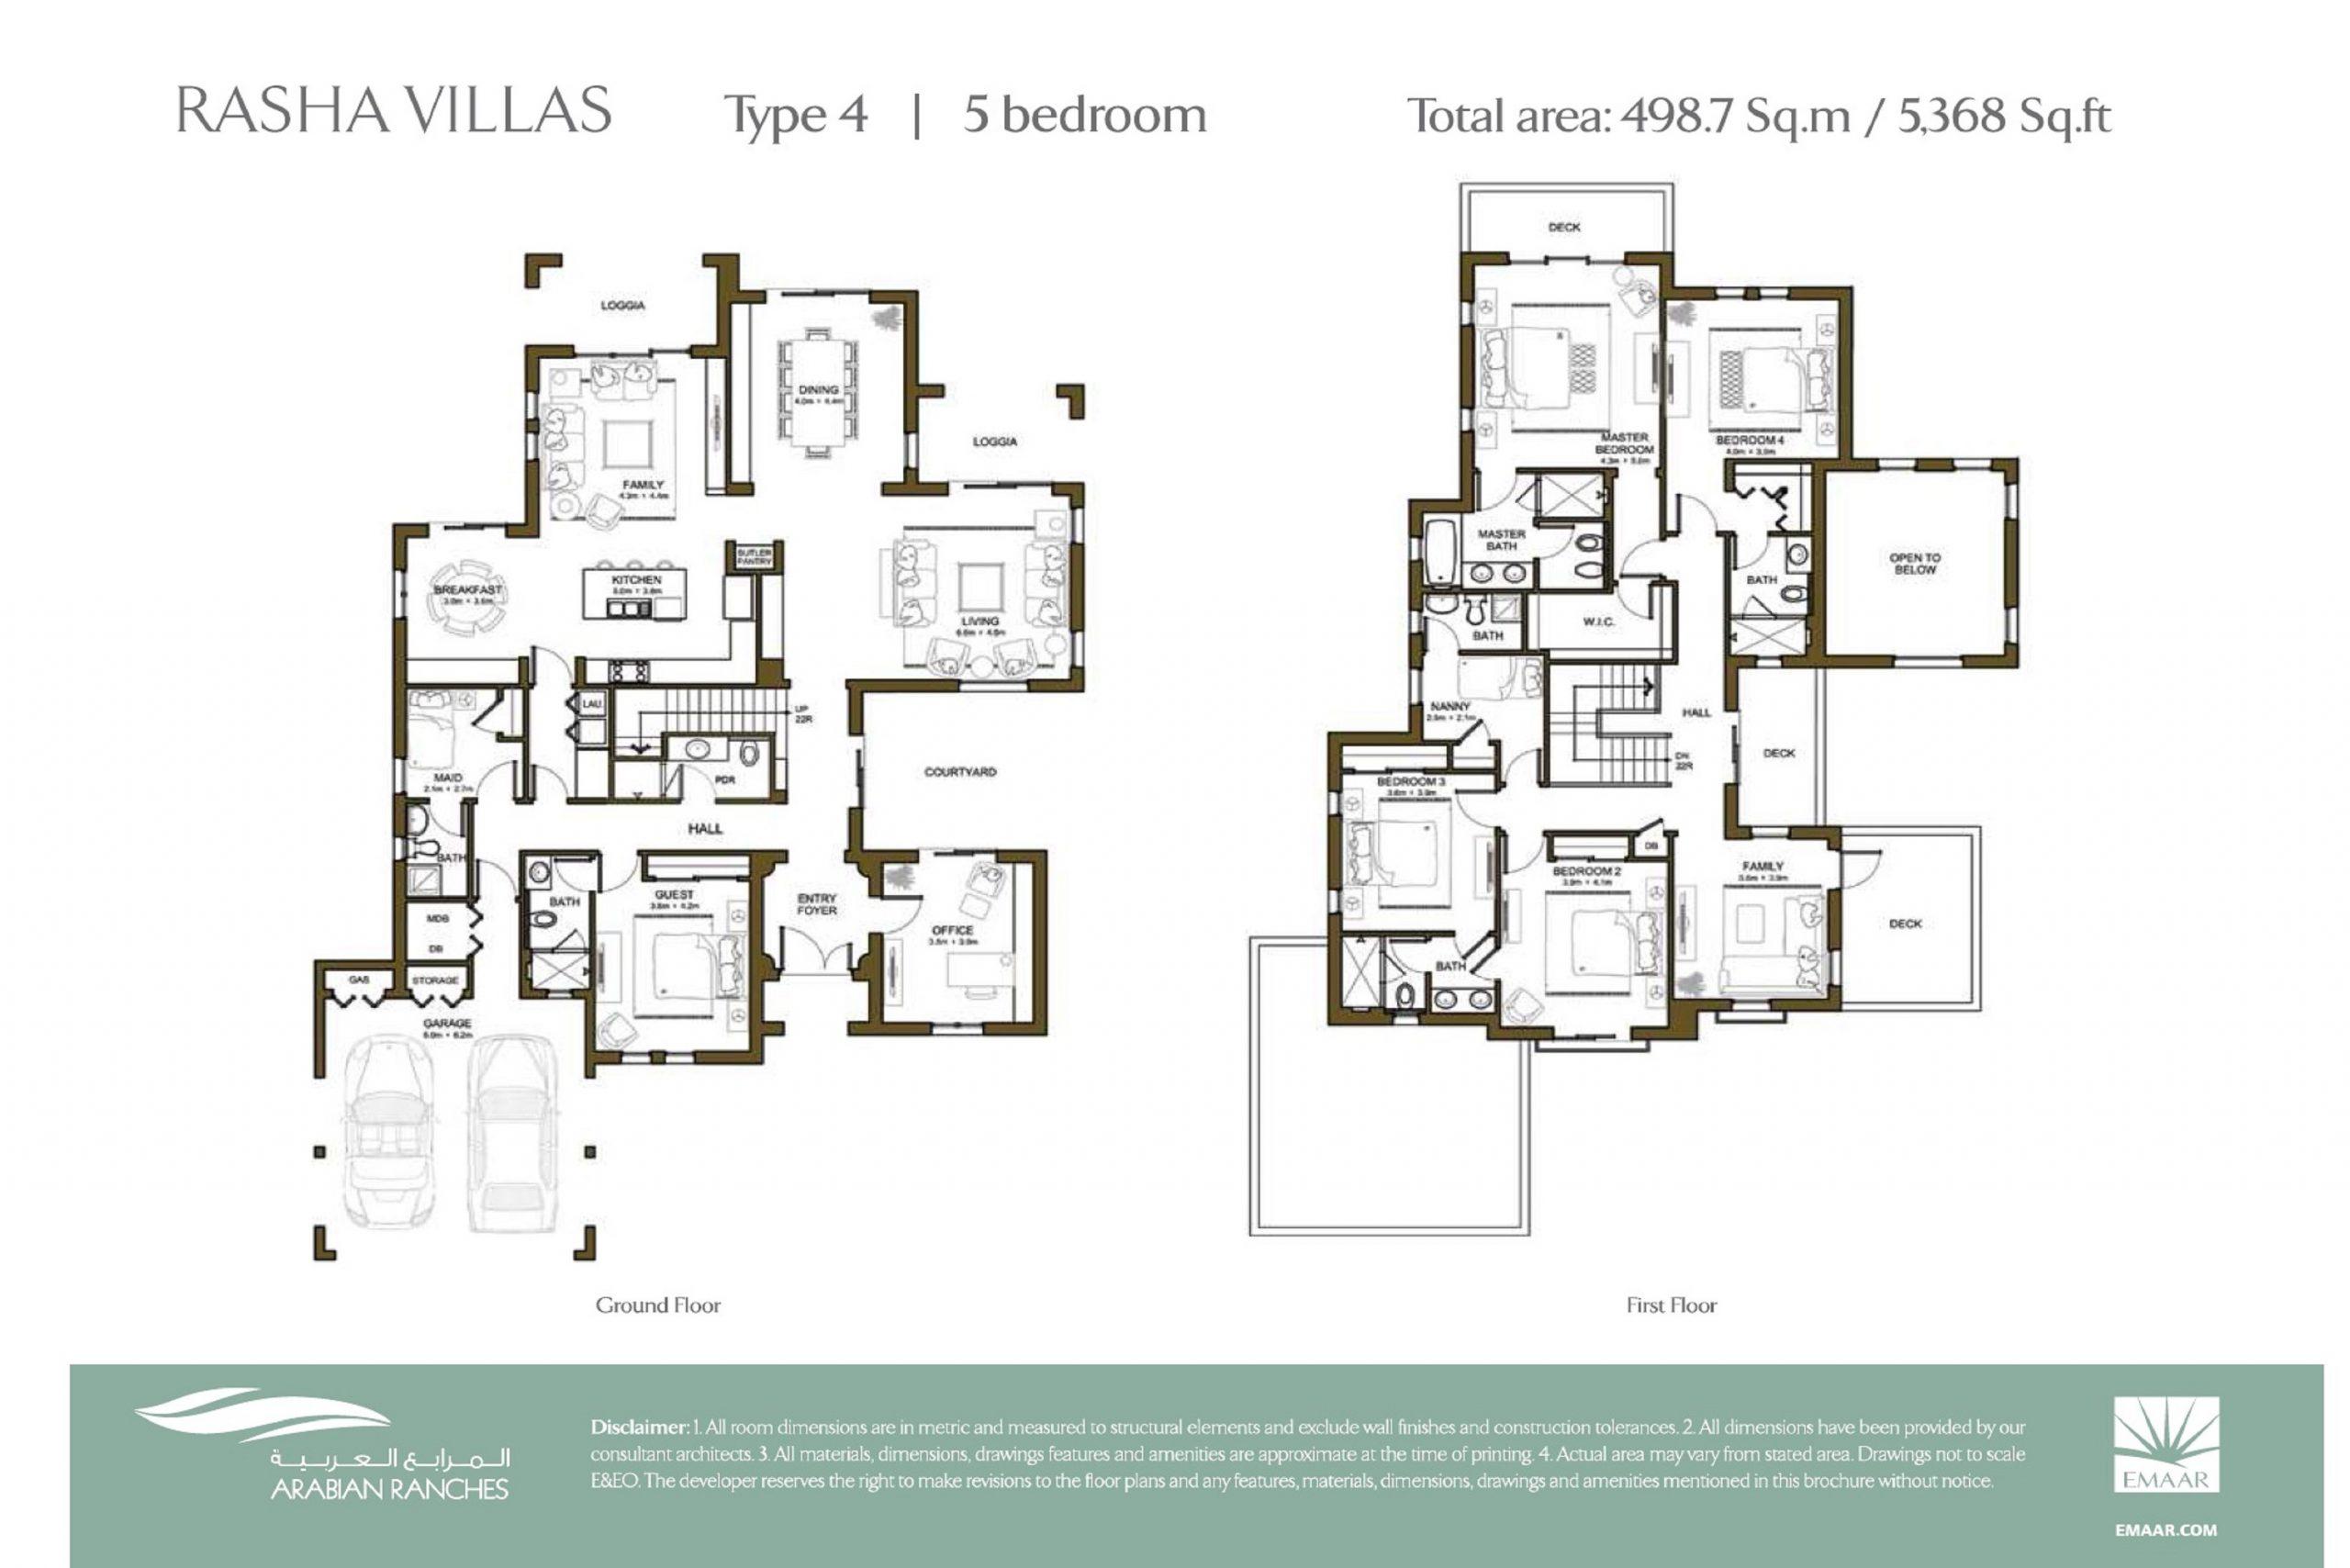 Rasha Villas Floor Plan 5BR